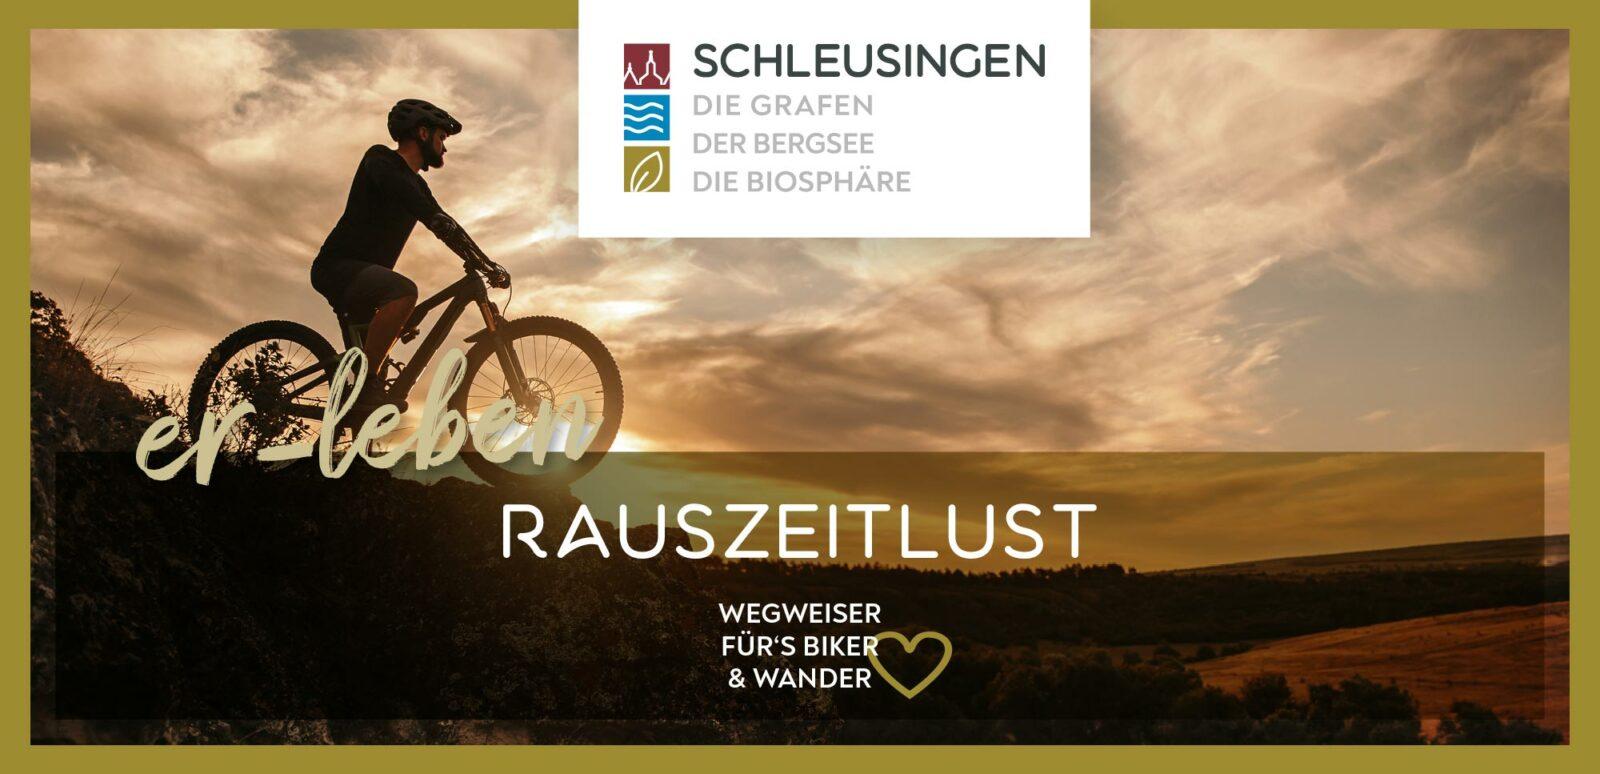 Tourismus-Kurzkonzept für die strategische Ausrichtung der Stadt Schleusingen als Tourismusdestination